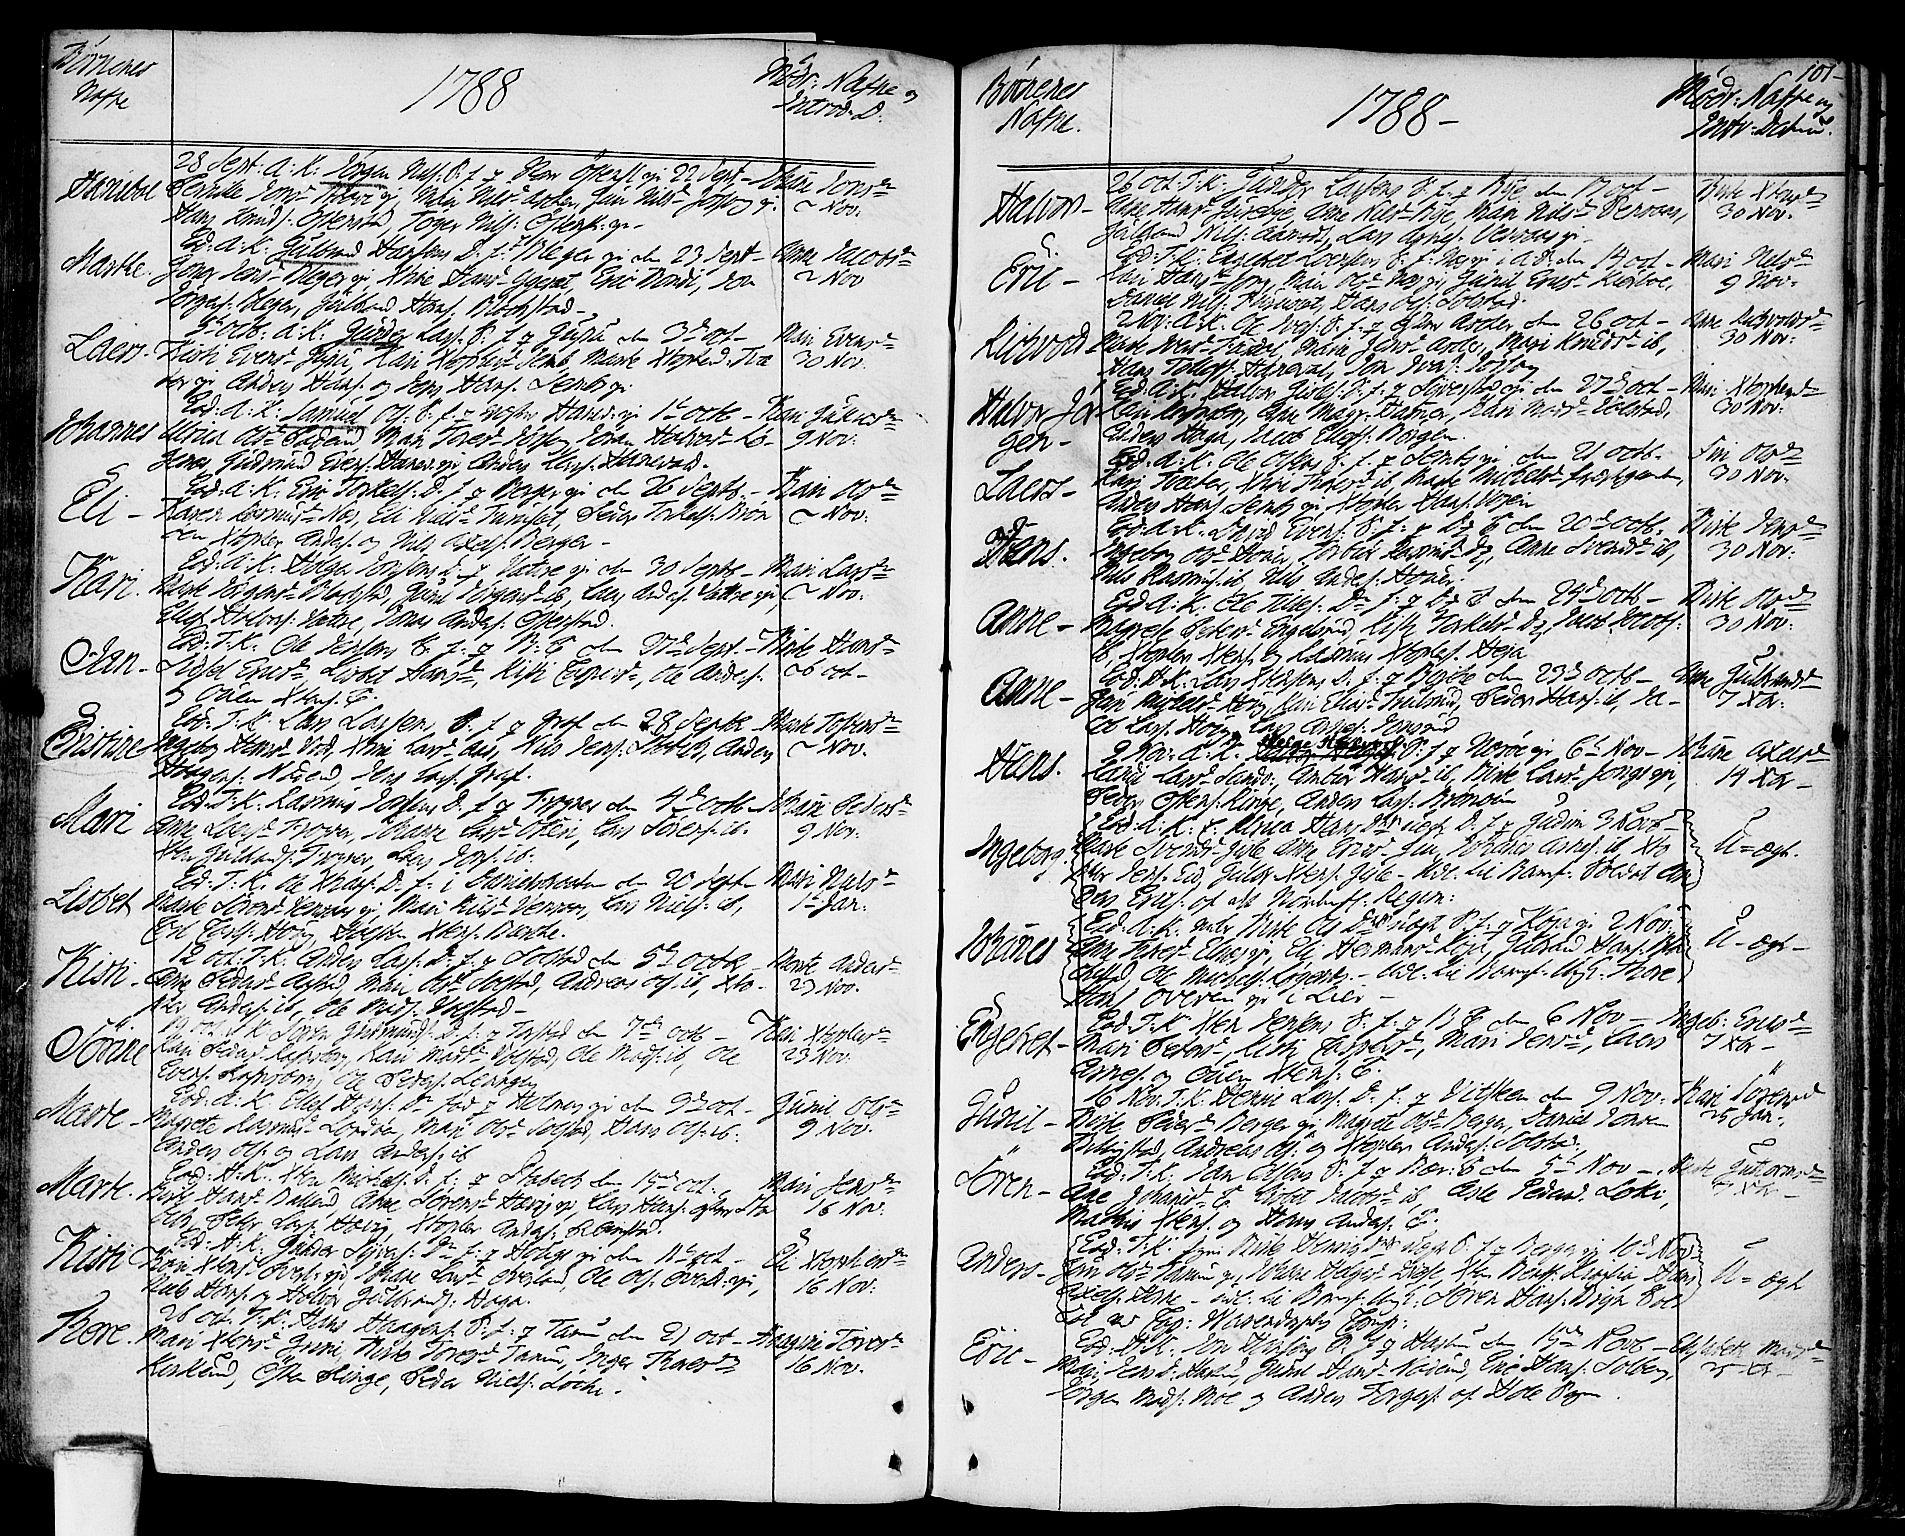 SAO, Asker prestekontor Kirkebøker, F/Fa/L0003: Ministerialbok nr. I 3, 1767-1807, s. 101